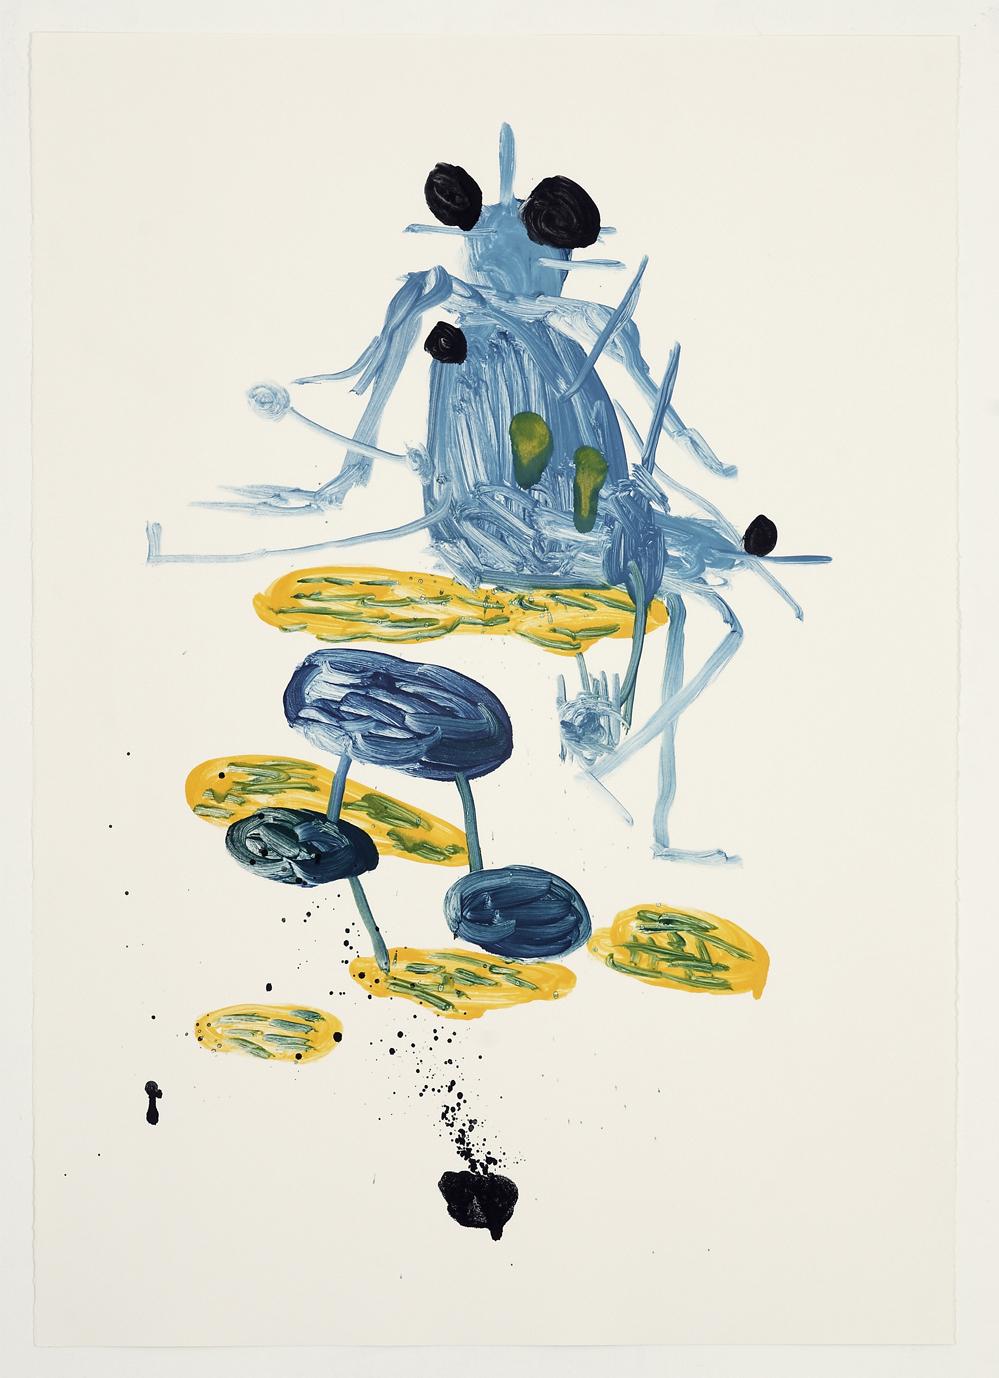 デイヴィッド・シュリグリー「無題(黒い目の青い昆虫)」2007 Courtesy: Artist and the British Council Collection